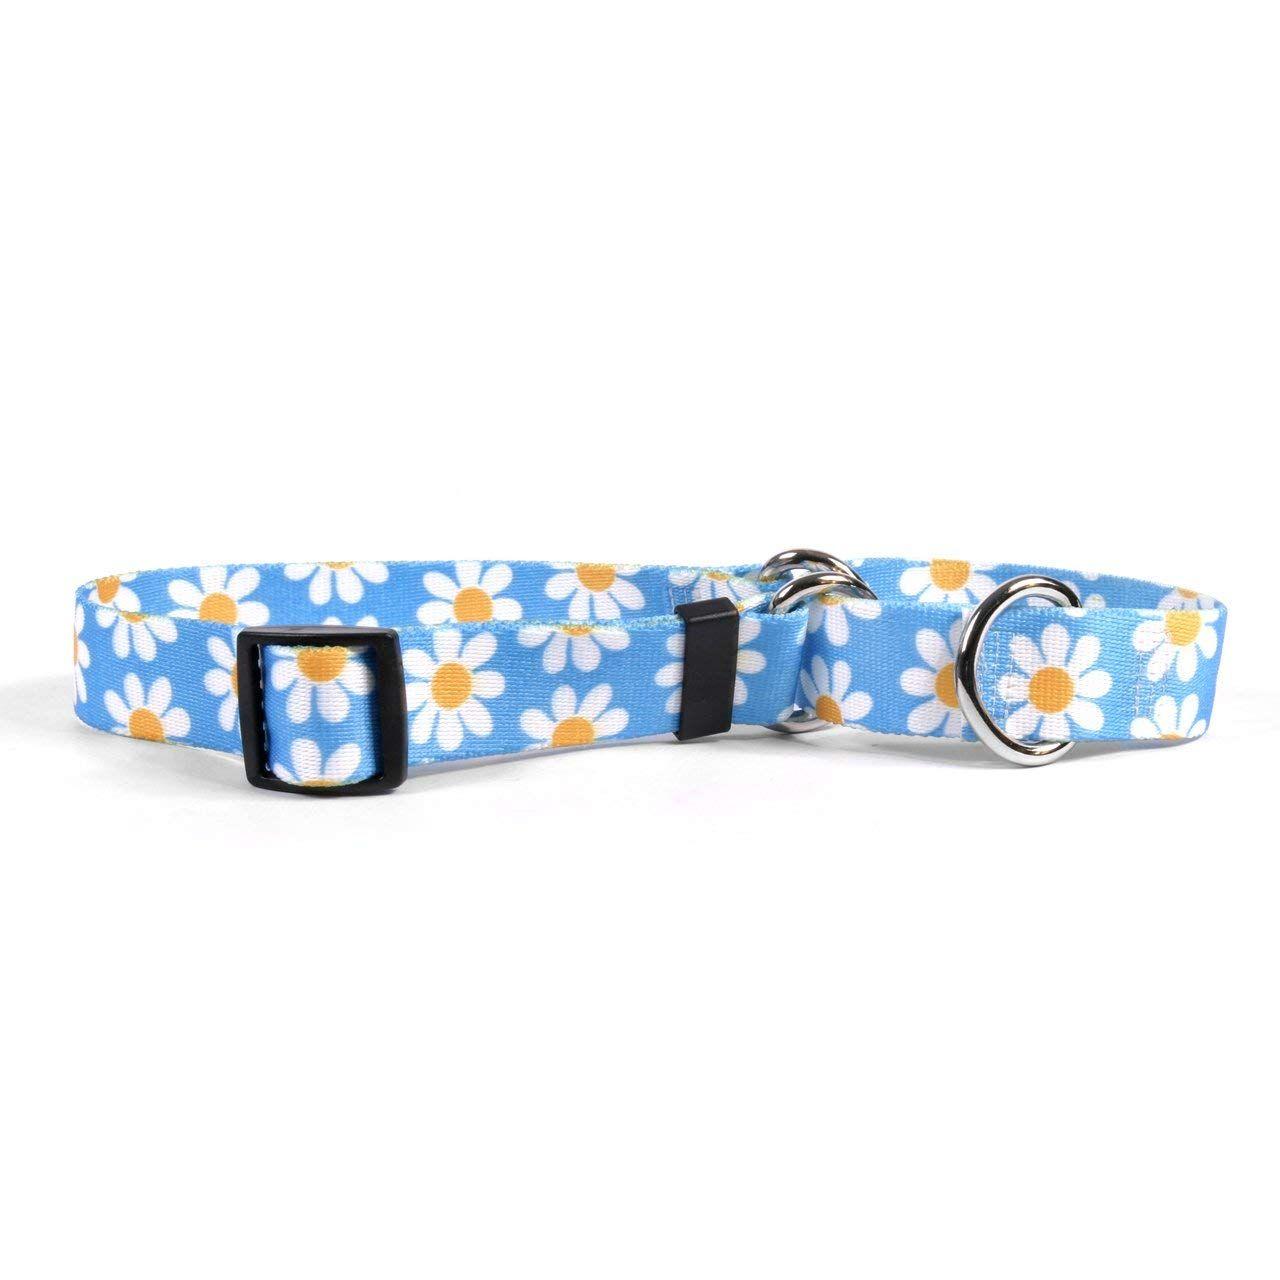 Yellow Dog Design Blue Daisy Dog Collar